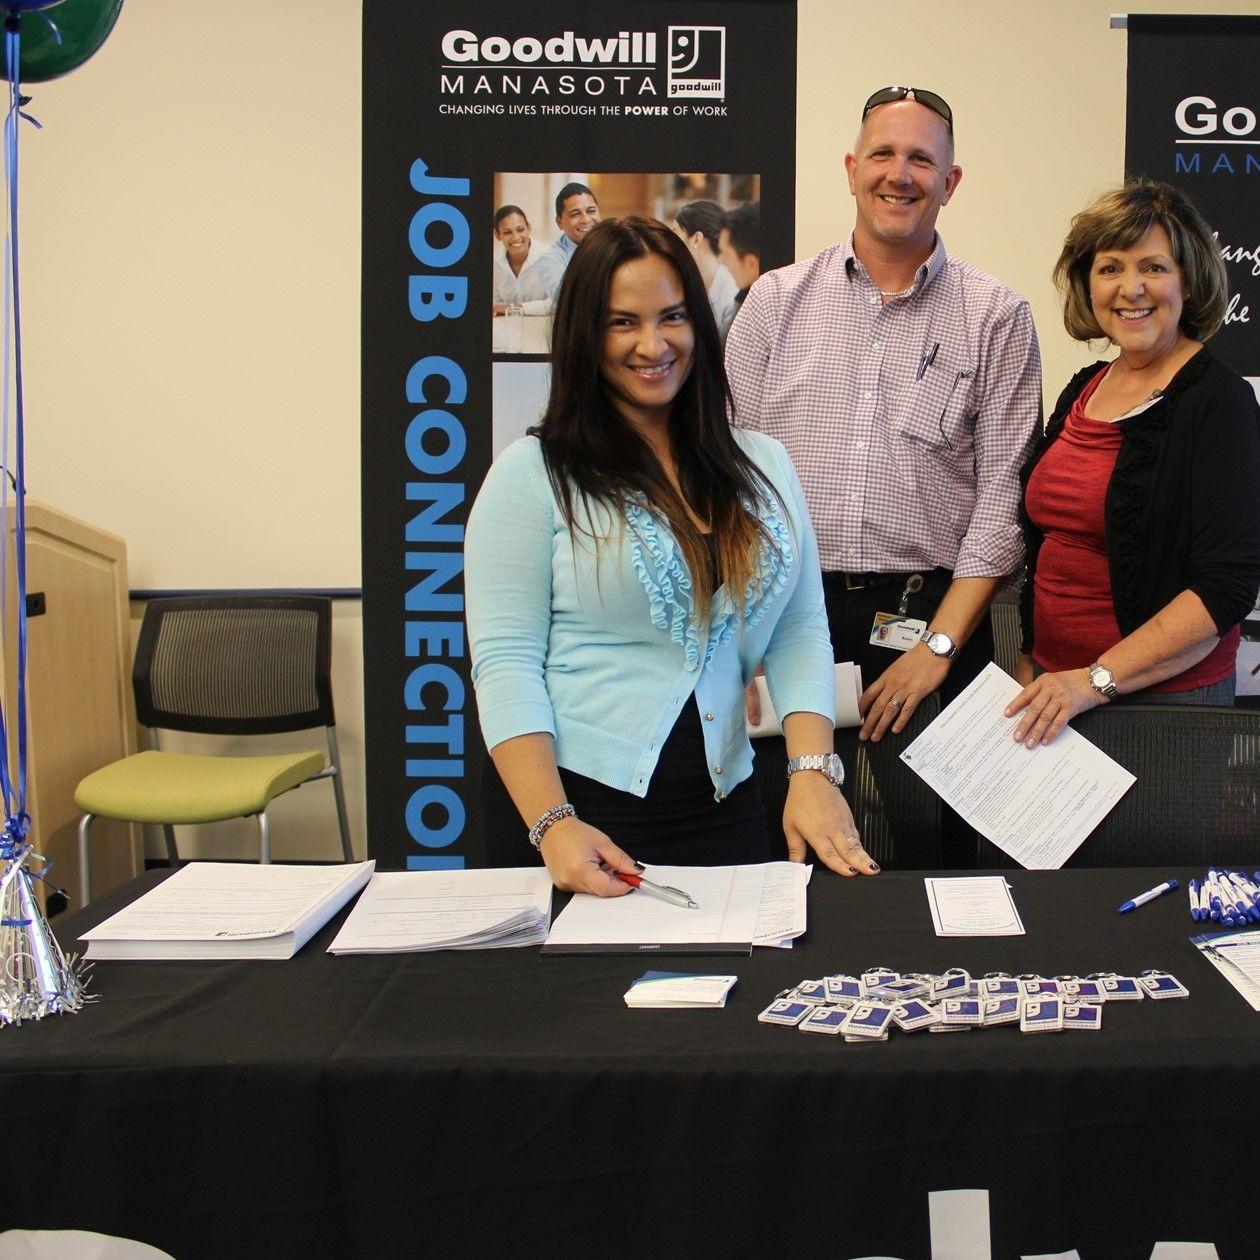 Goodwill job fair urublc